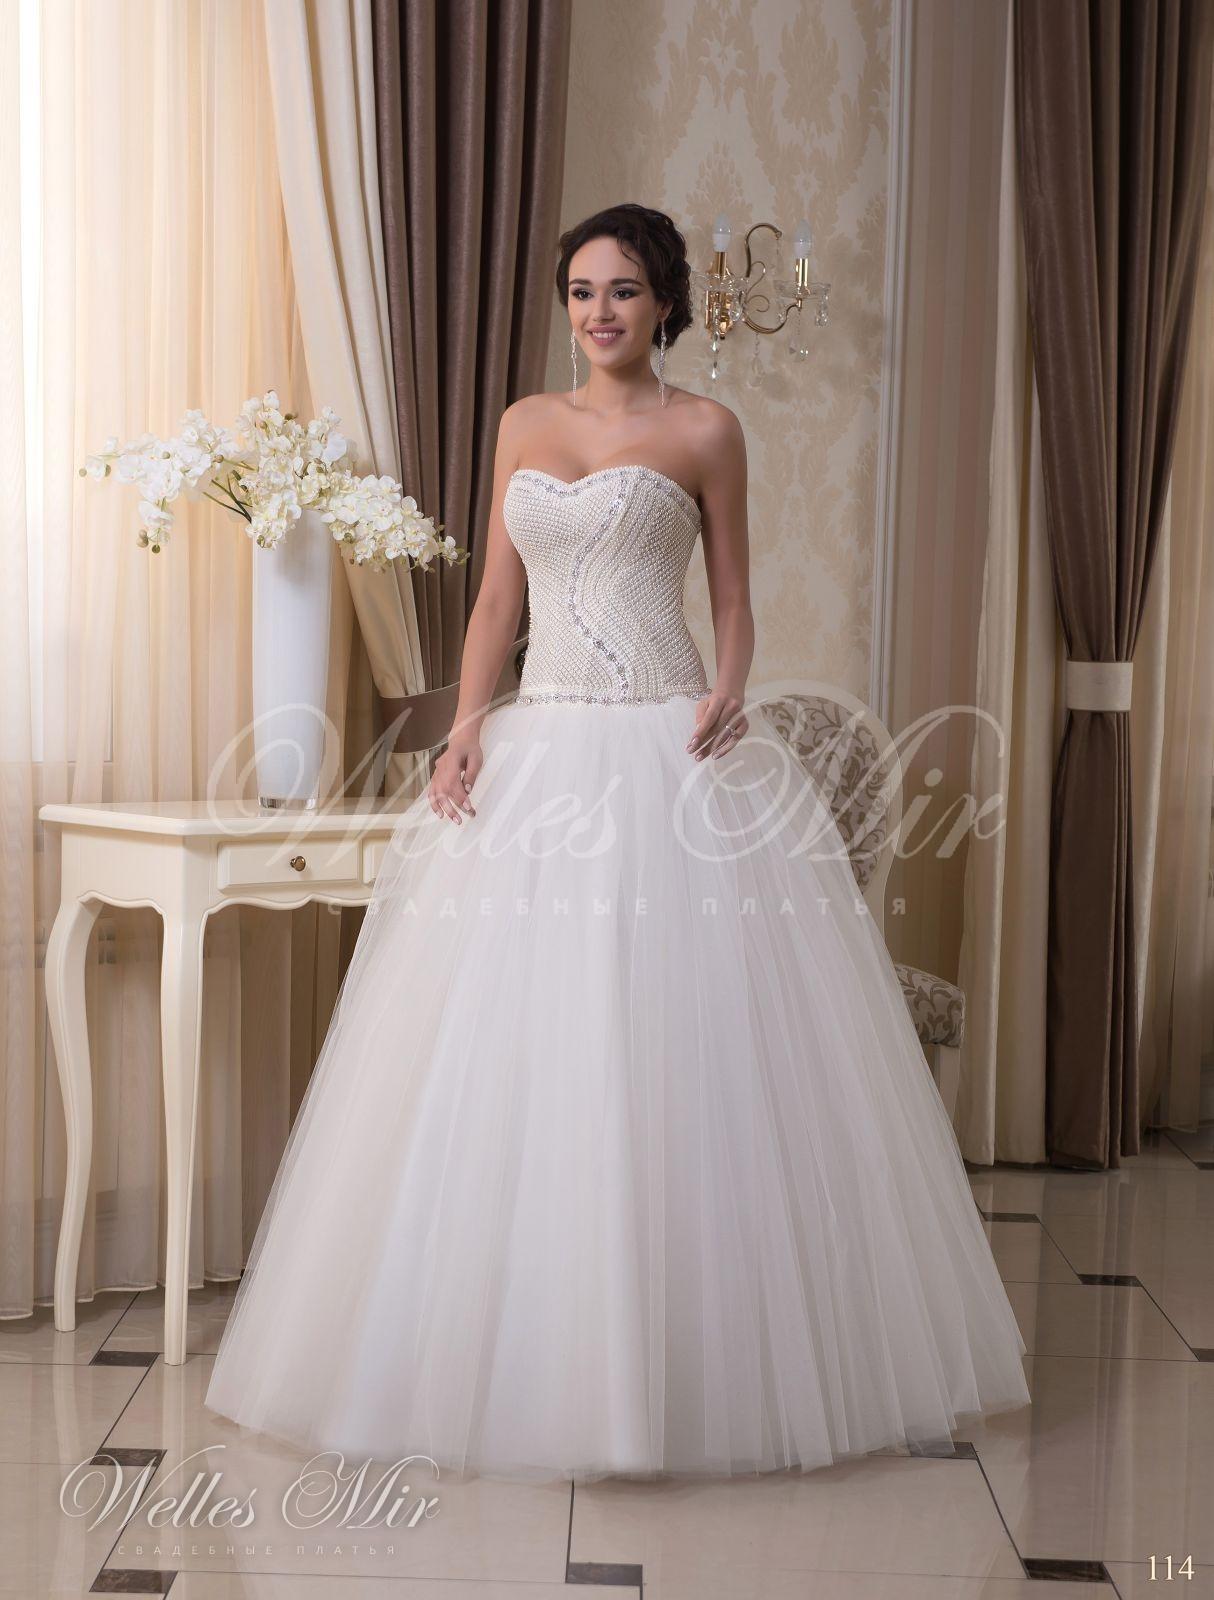 Свадебные платья Charming Elegance - 114